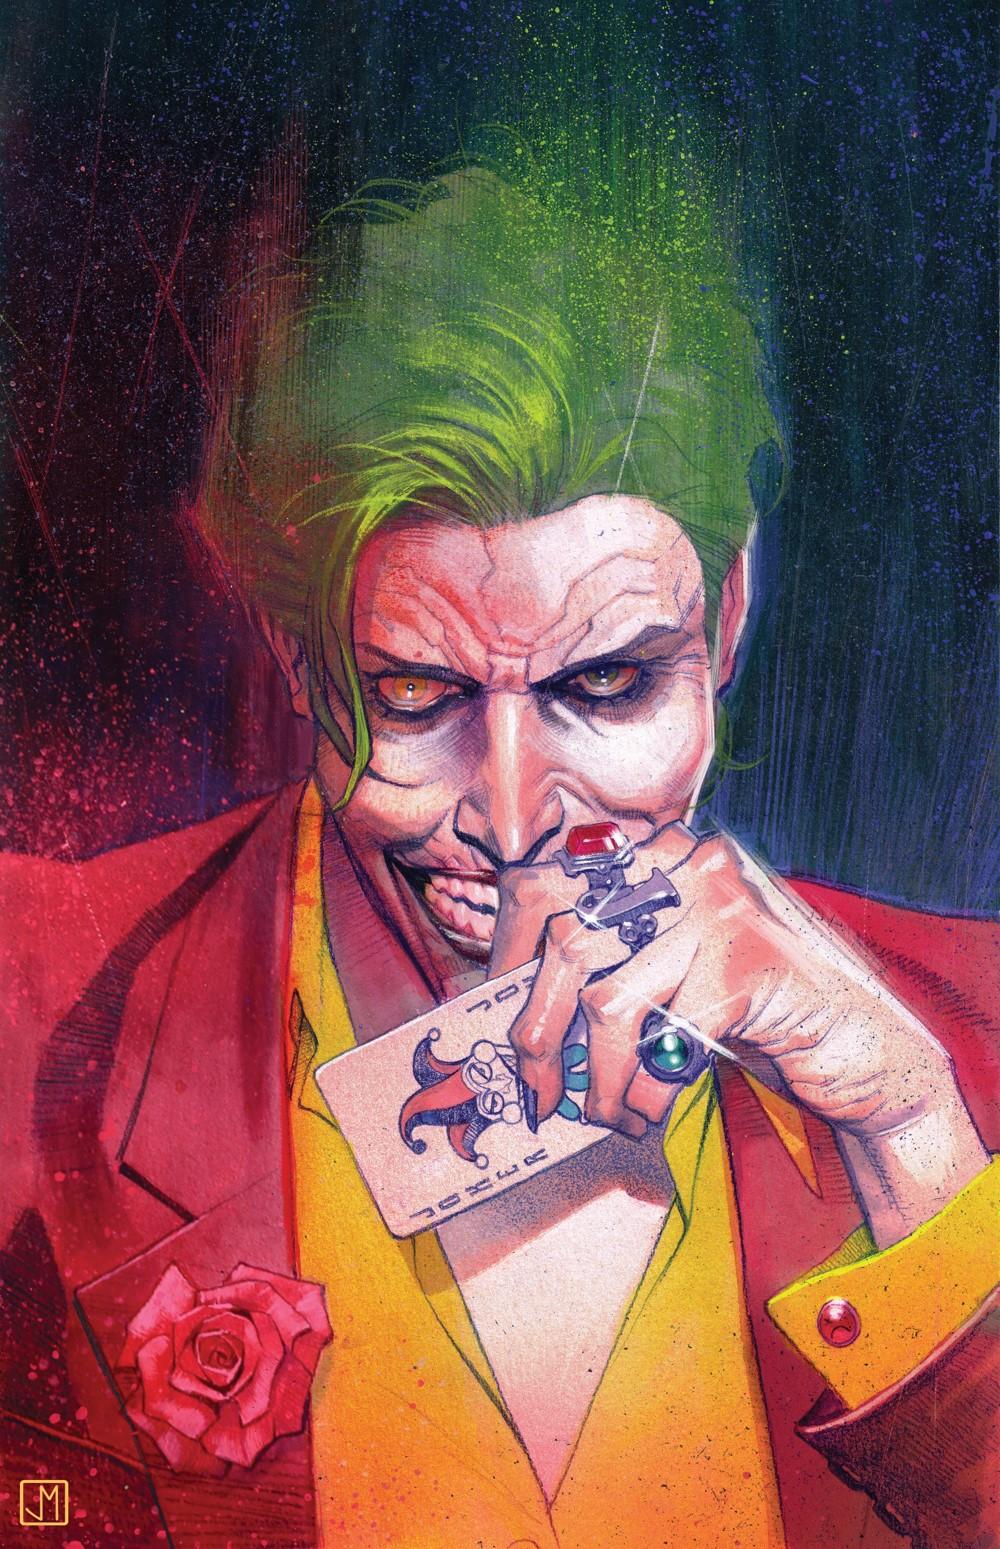 Joker8_Molina_Variant_NO-TRADE-DRESS DC Comics October 2021 Solicitations